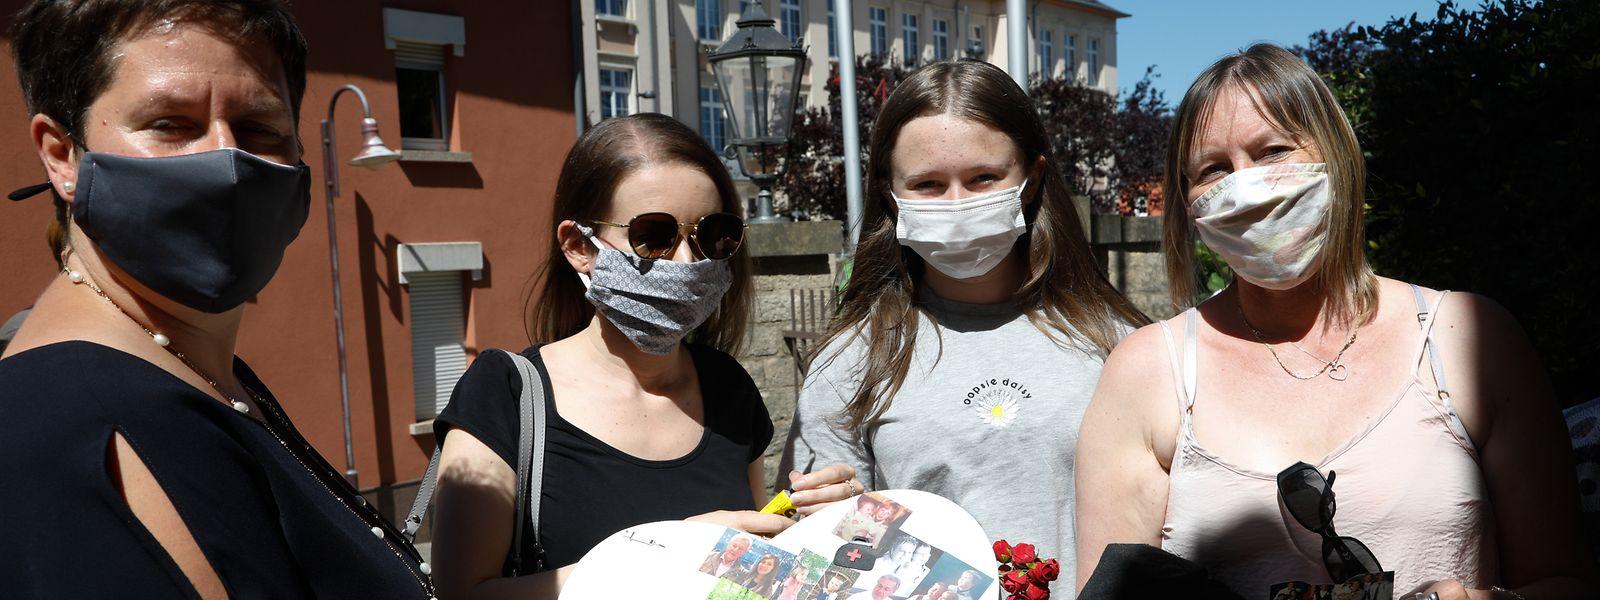 Somine Bleser (l). hatte Eltern vorgeschlagen, ein Bild ihrer Kinder, ehemalige Patienten vom verstorbenen 'Dokter Conter', auf eine Herzform zu kleben. Ein Aufruf, dem manche Eltern nachgekommen sind.